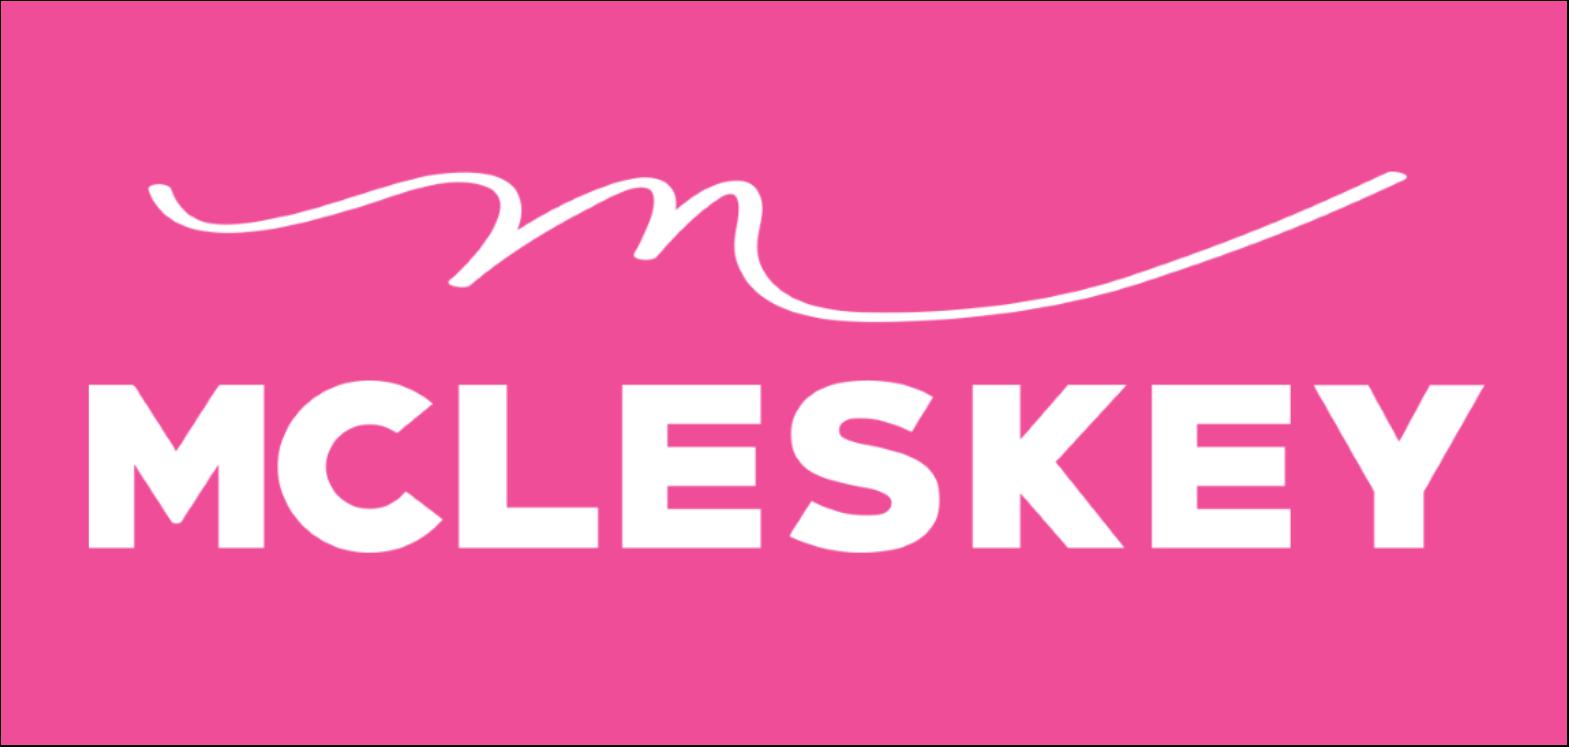 McLeskey Bright Pink Logo no shadow.png